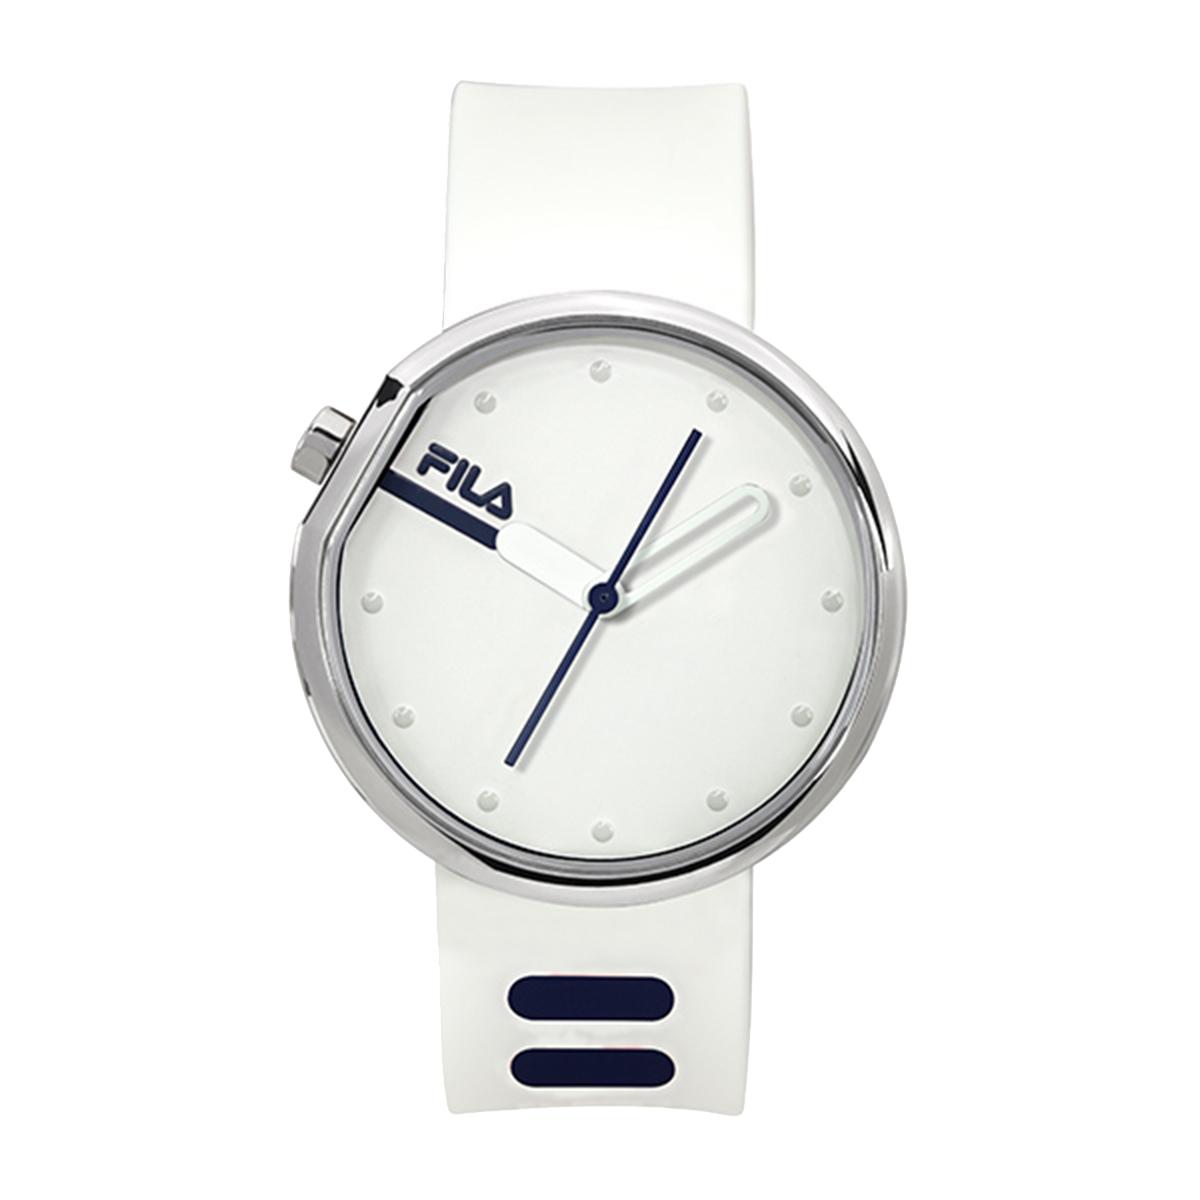 フィラ 時計 腕時計 FILA FILASTYLE 38-161-103 ユニセックス 時計 腕時計 クオーツ